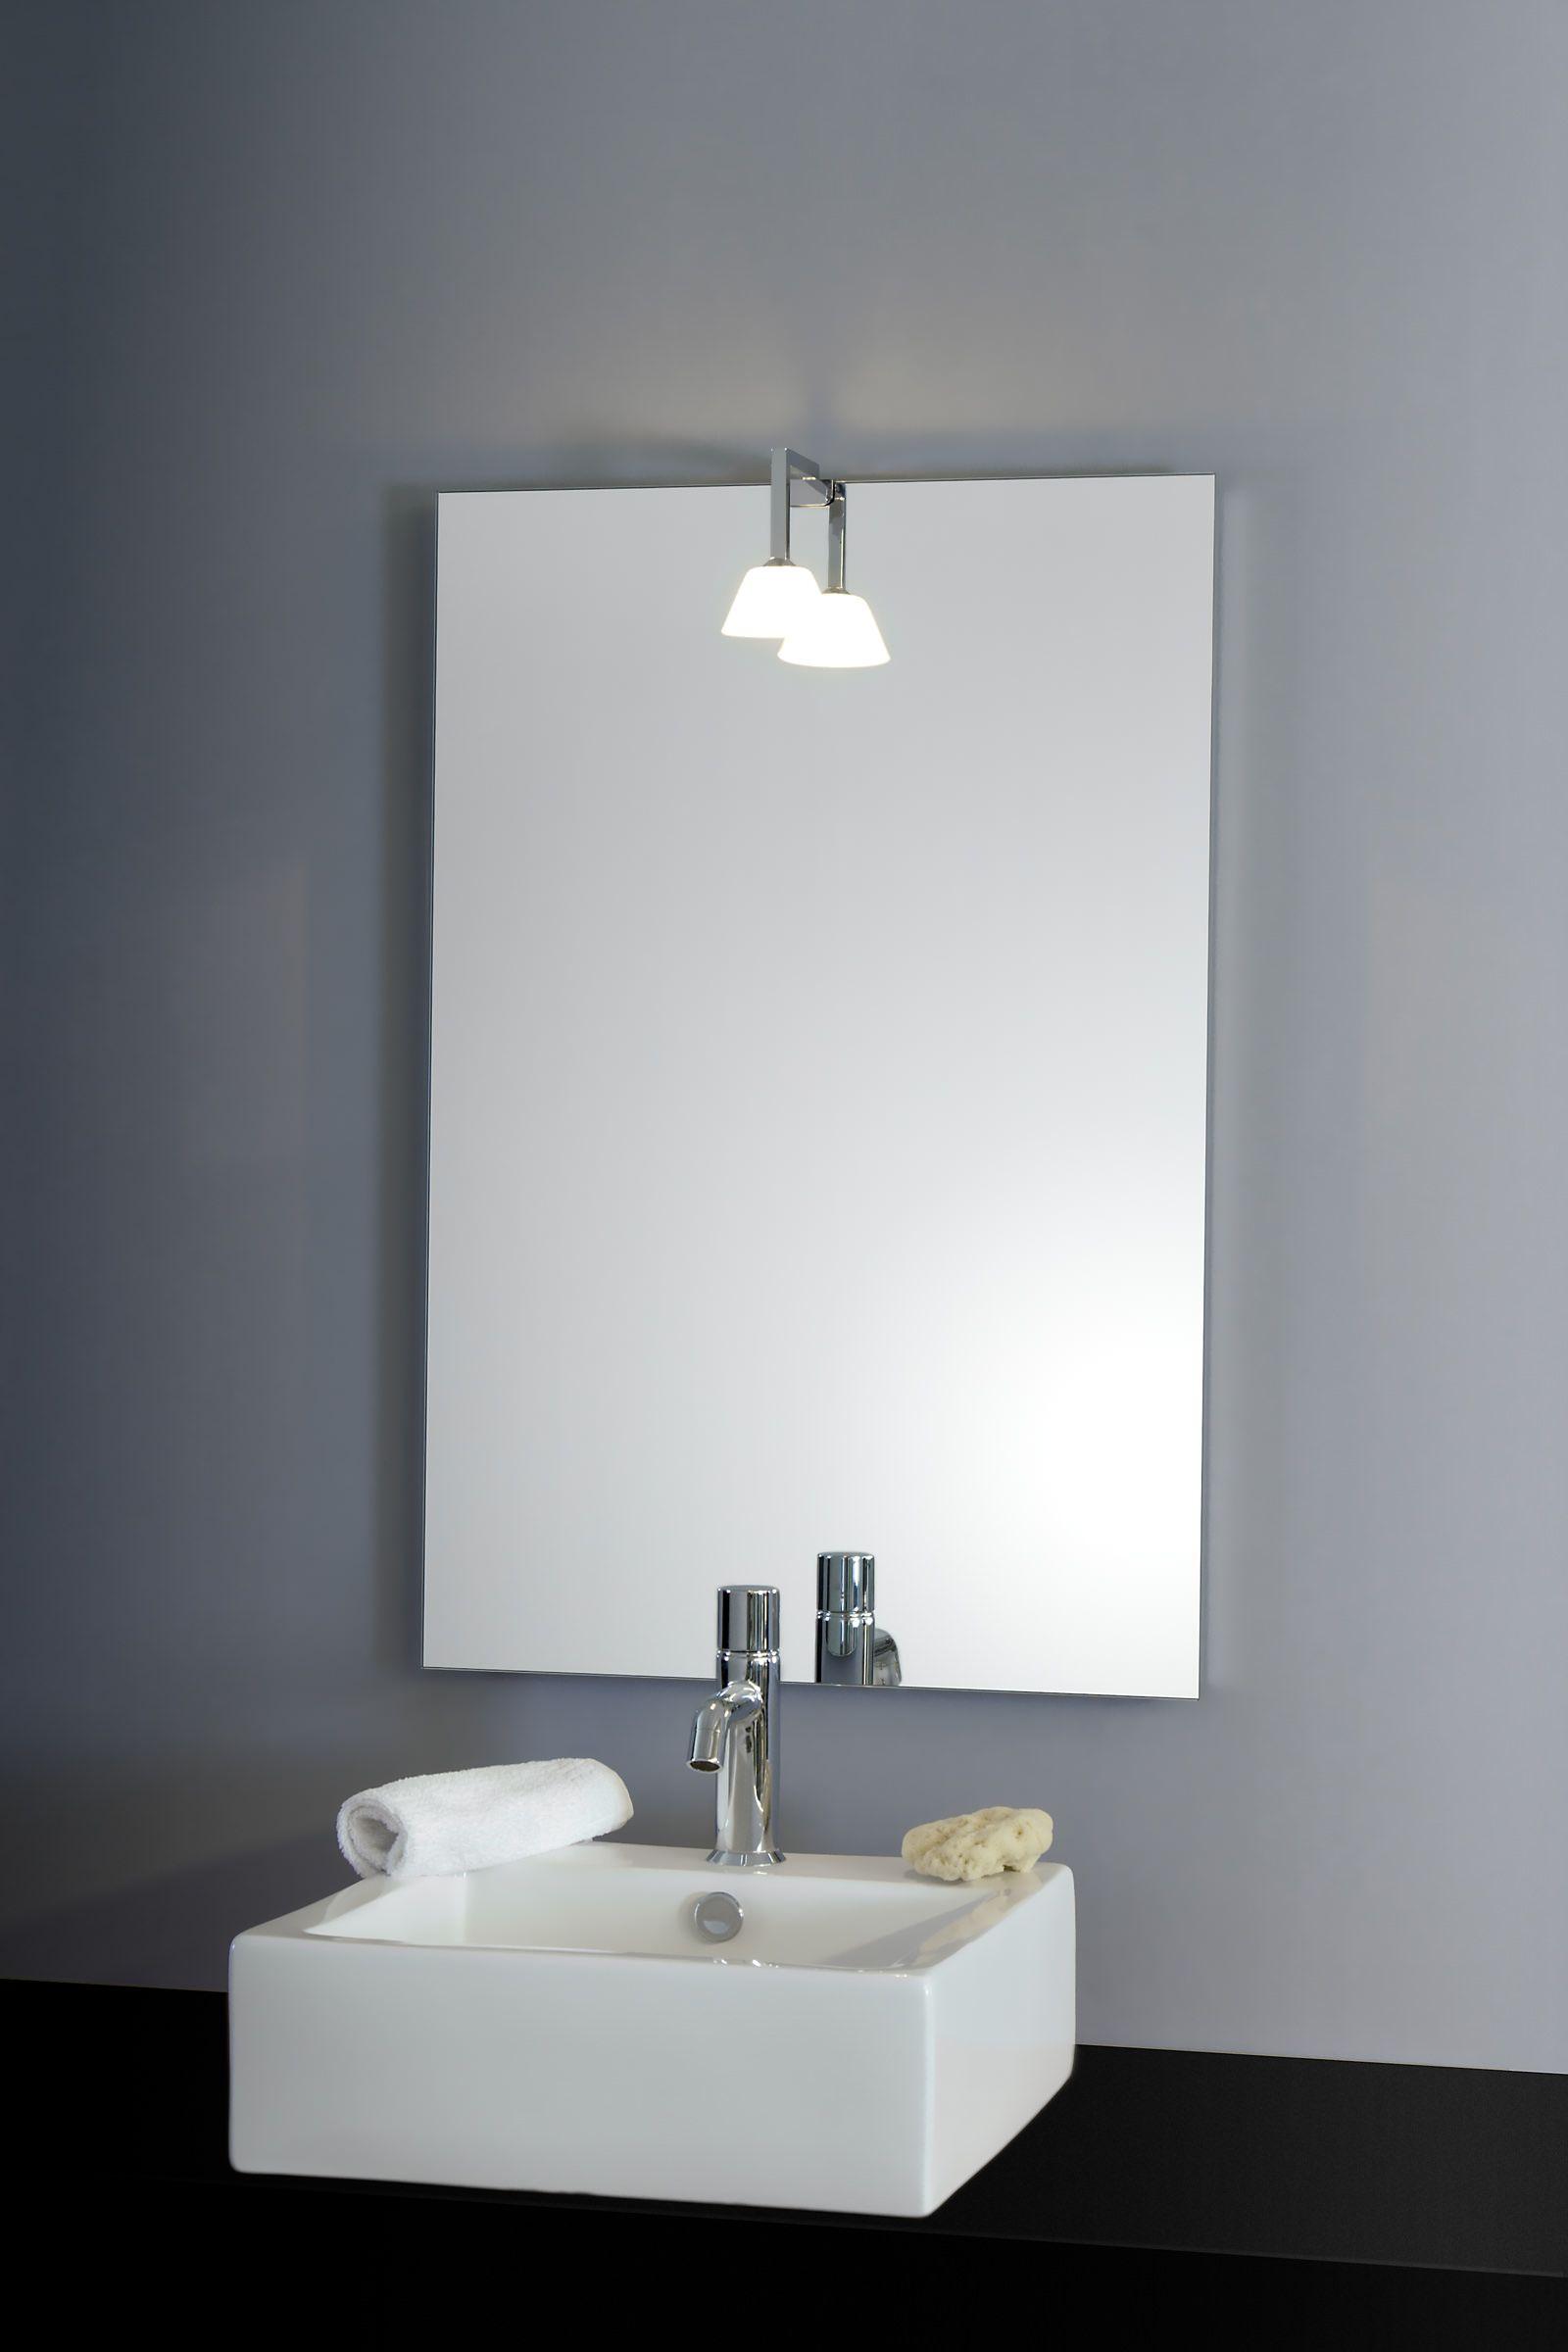 Spiegelleuchte Torino für Badspiegel in 2019